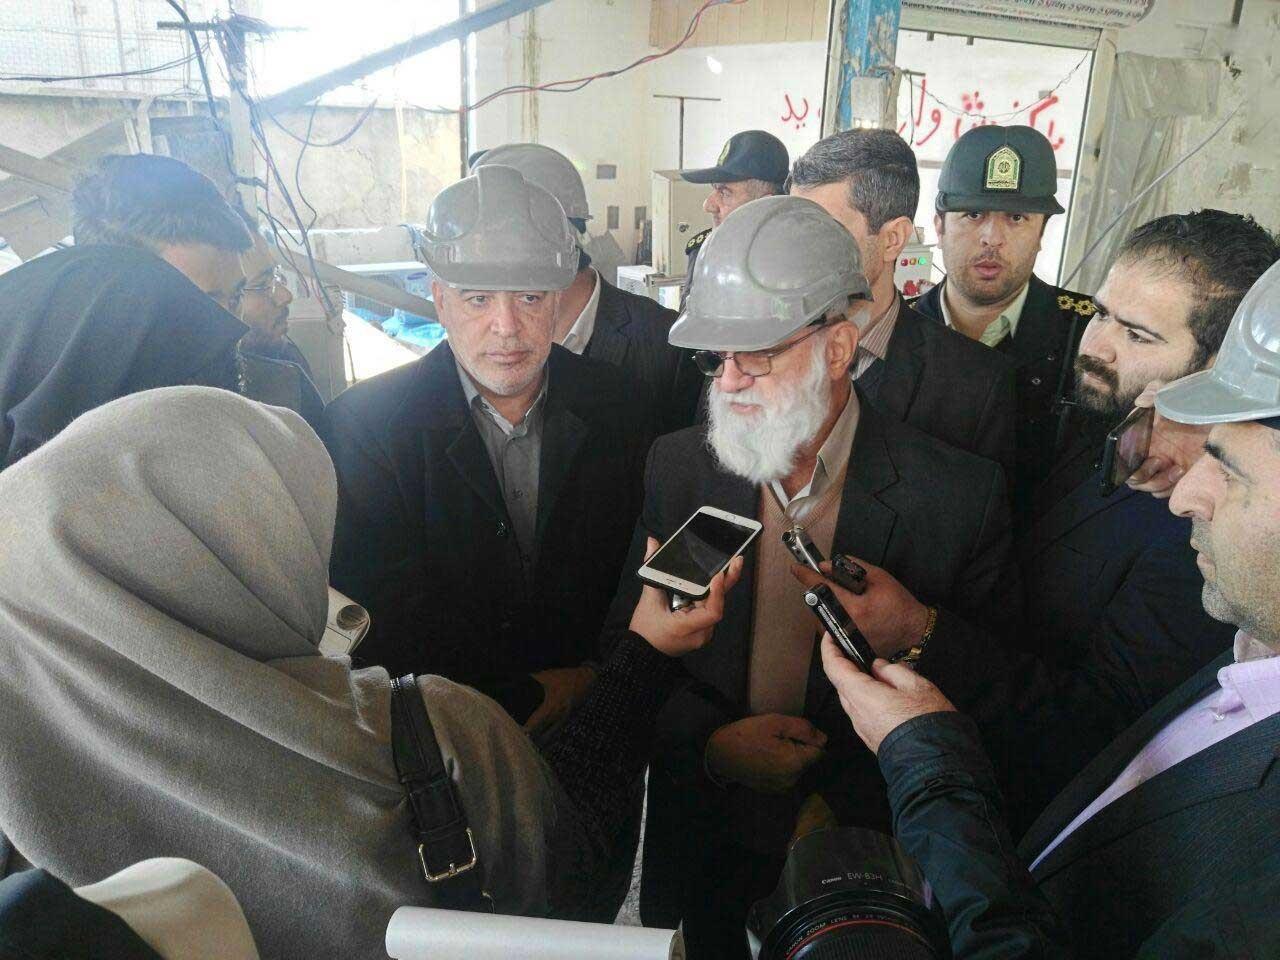 عکس | بازدید اعضای شورای شهر از روند تخریب طبقه هفتم پاساژ علاءالدین